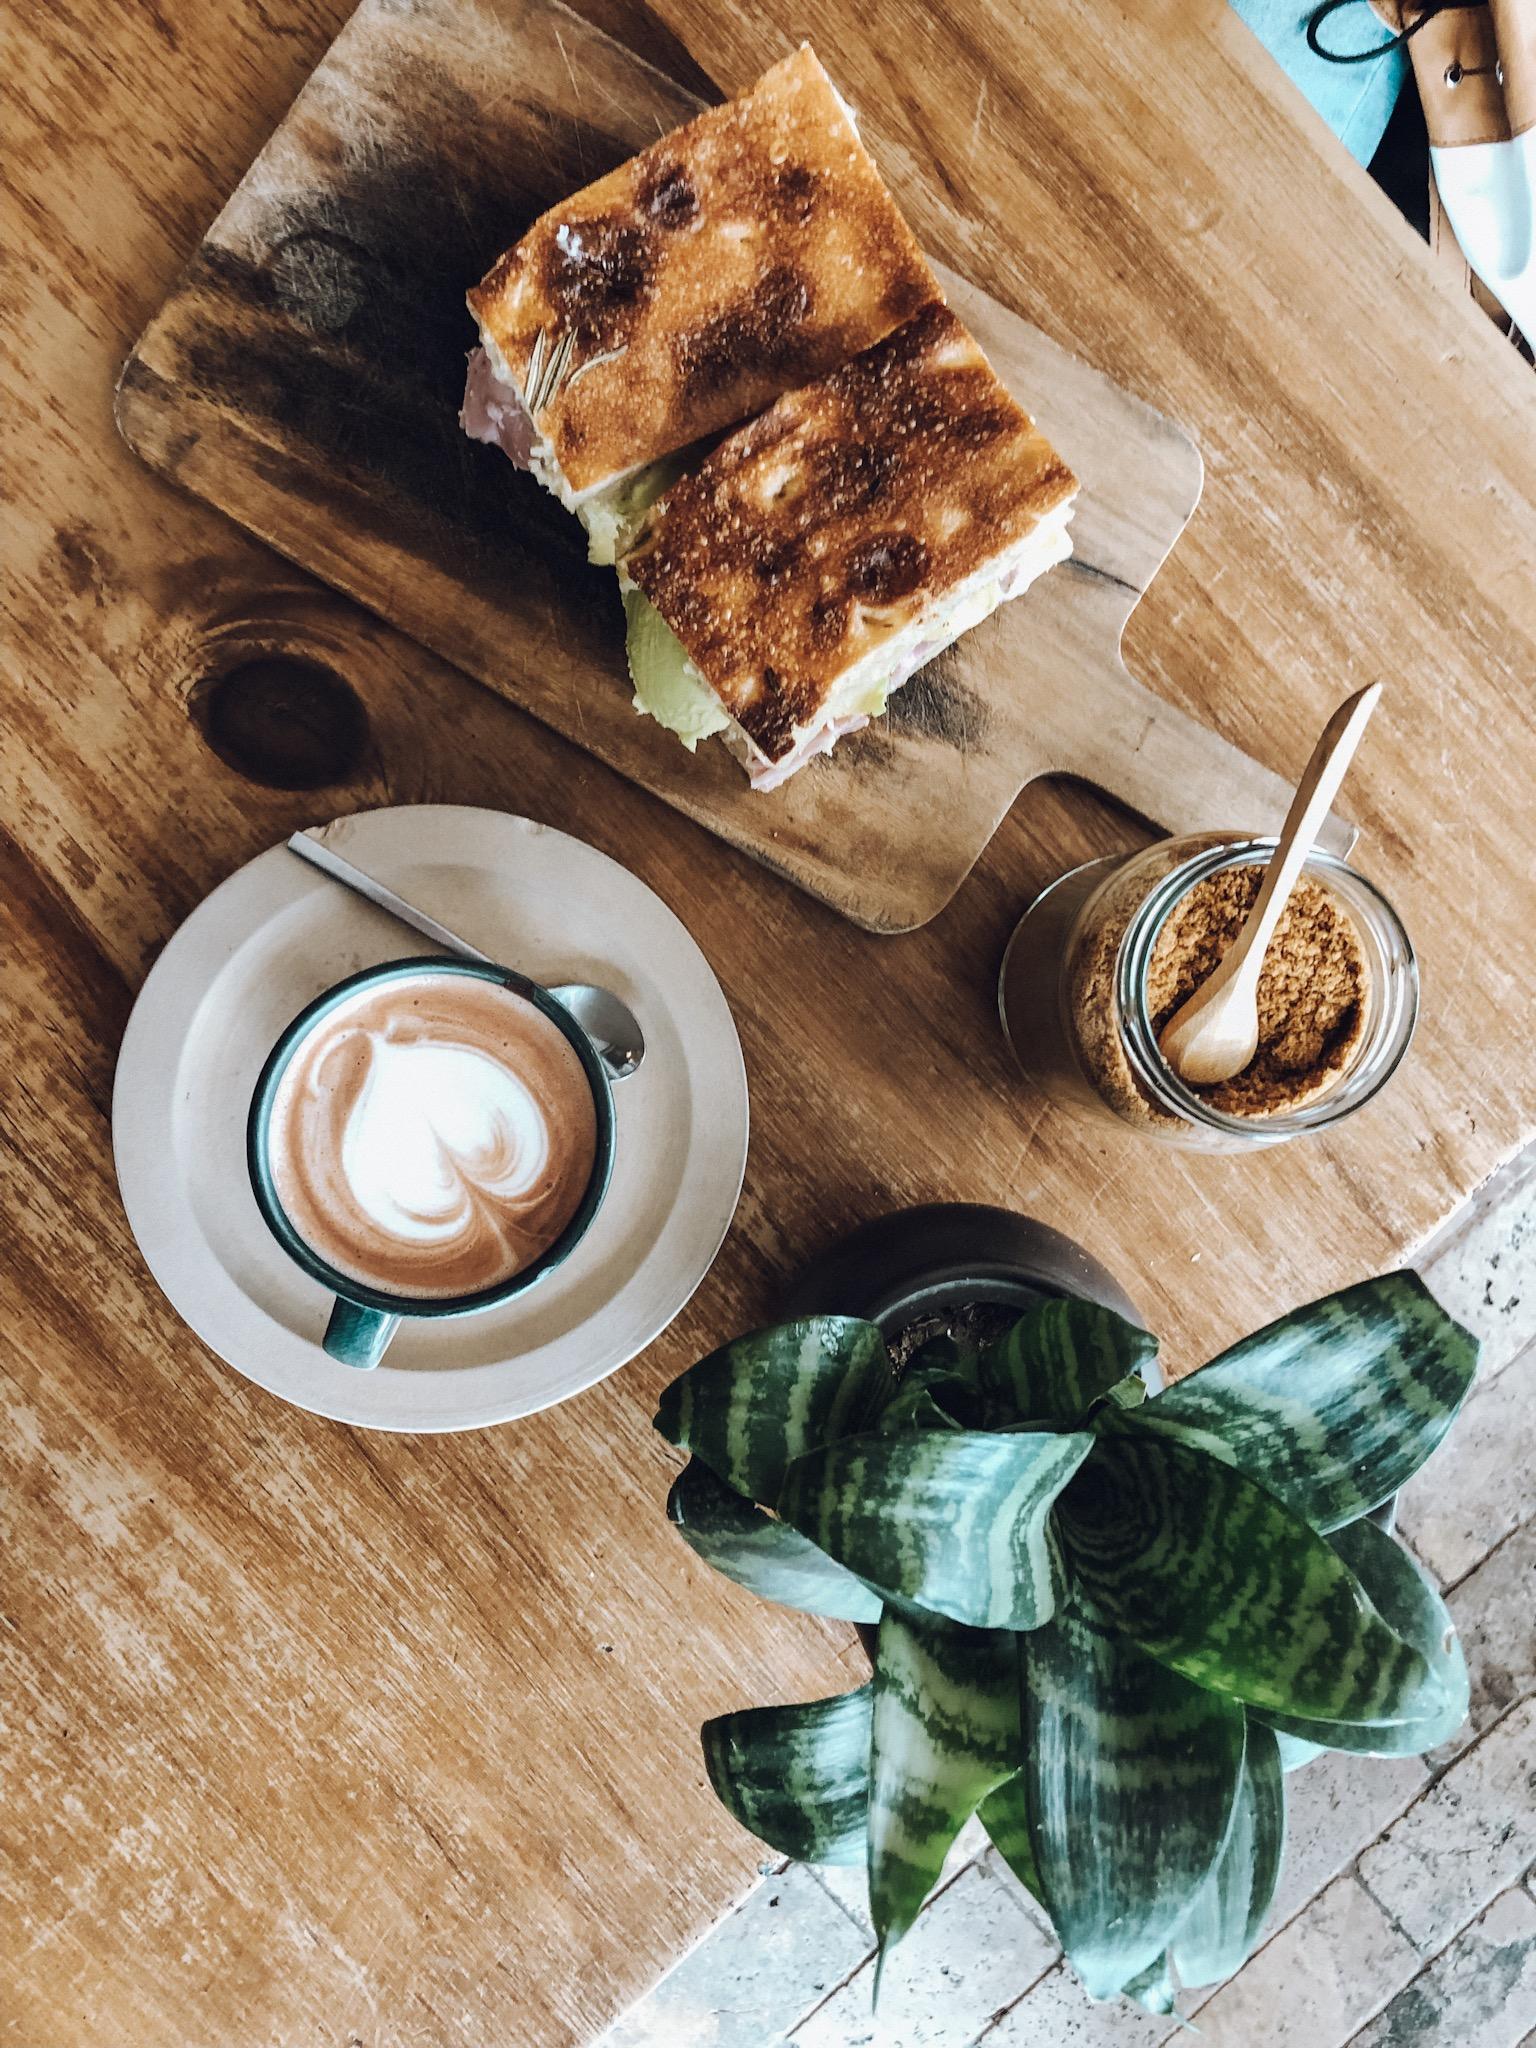 Coffee at El Pan de la Chola